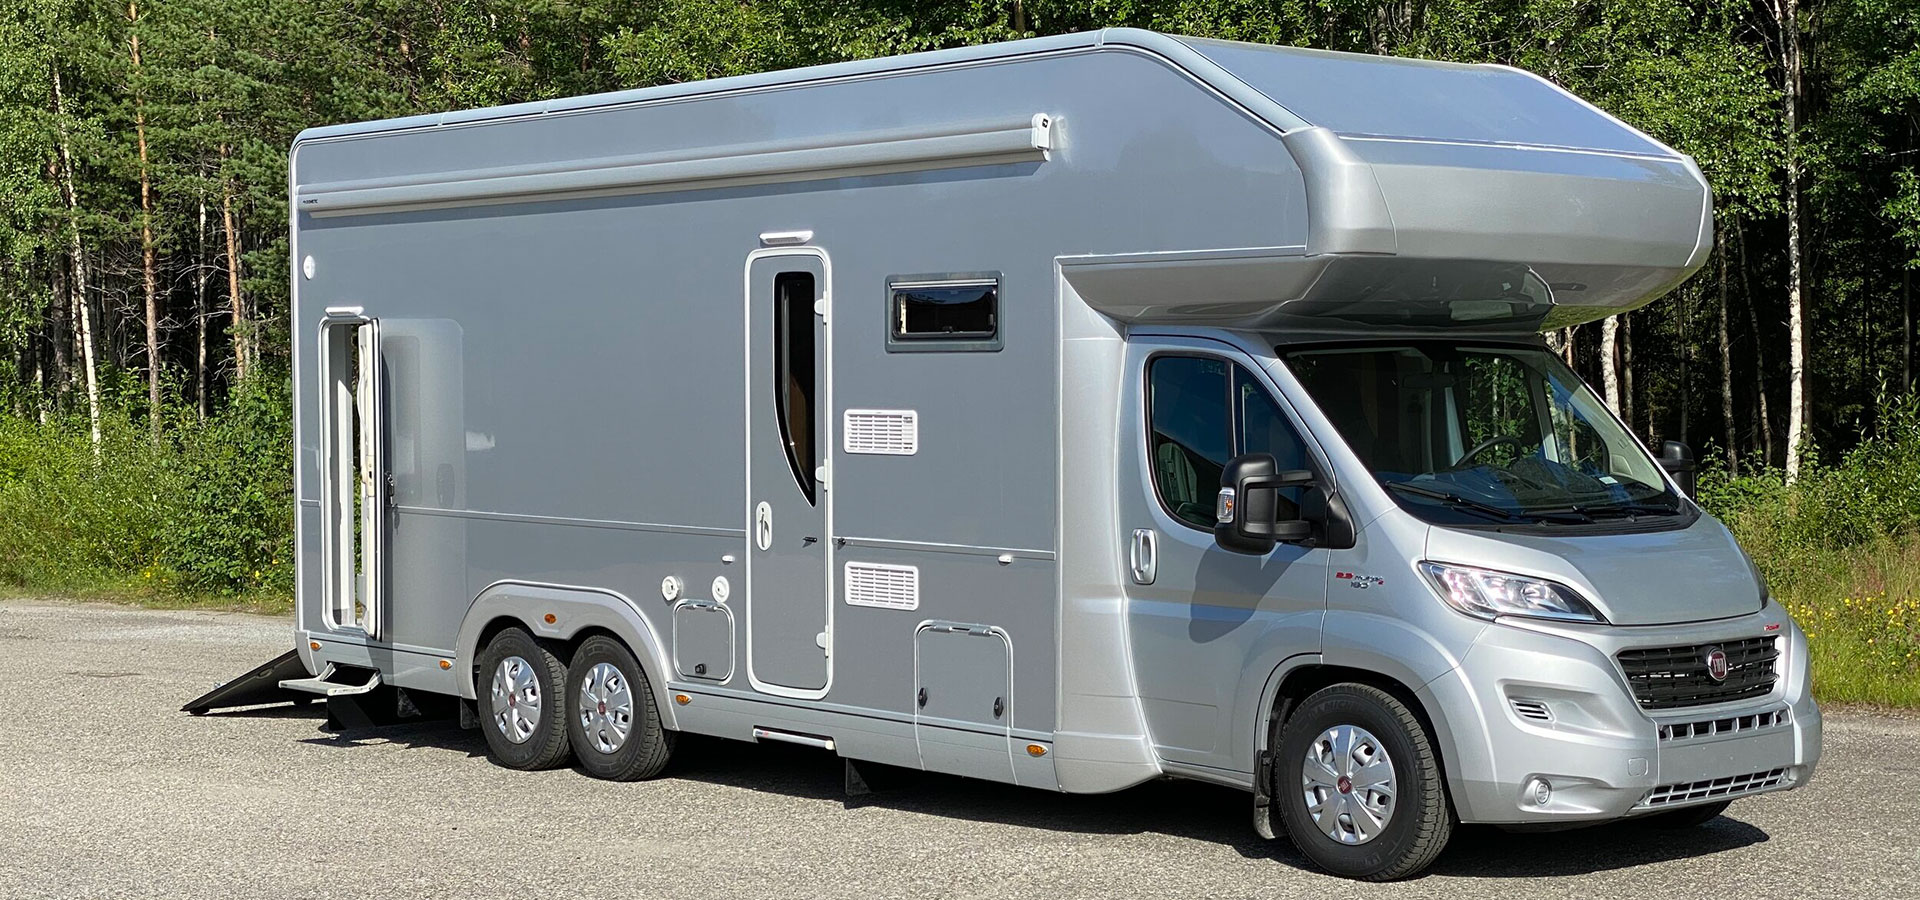 Caravan Service Autohaus Wegst in Kornwestheim